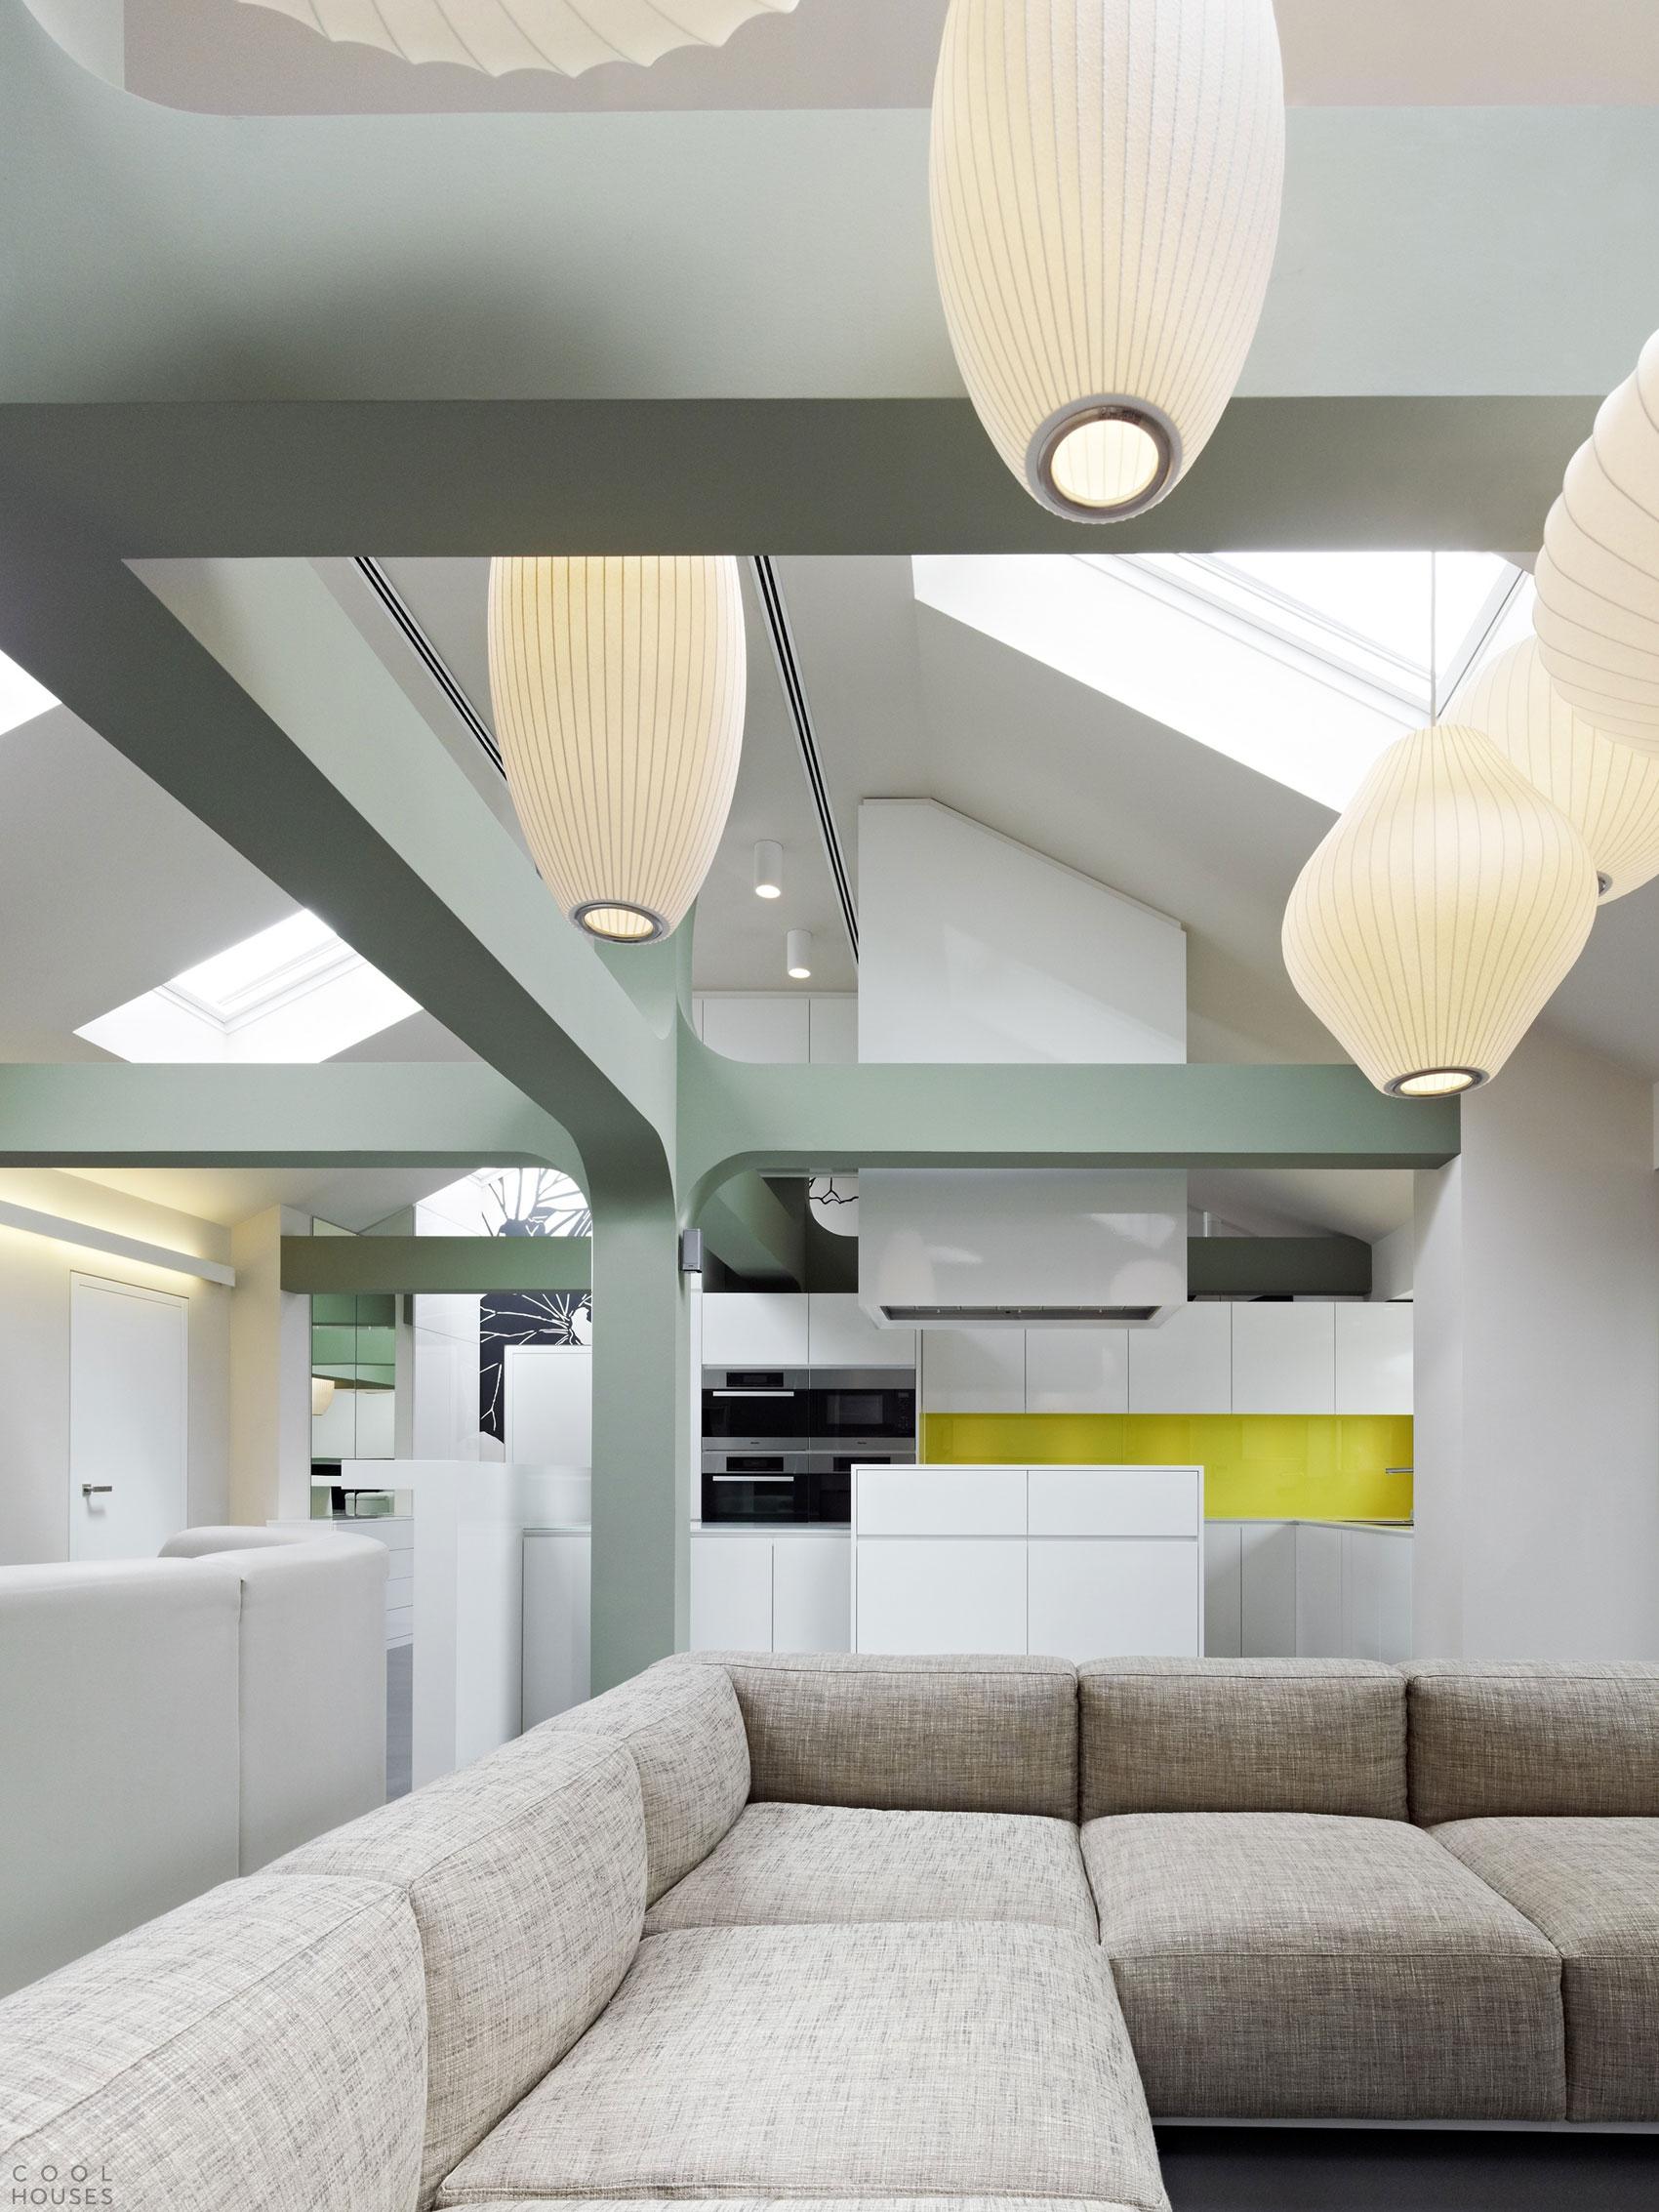 Современный интерьер квартиры в стиле минимализм, Германия